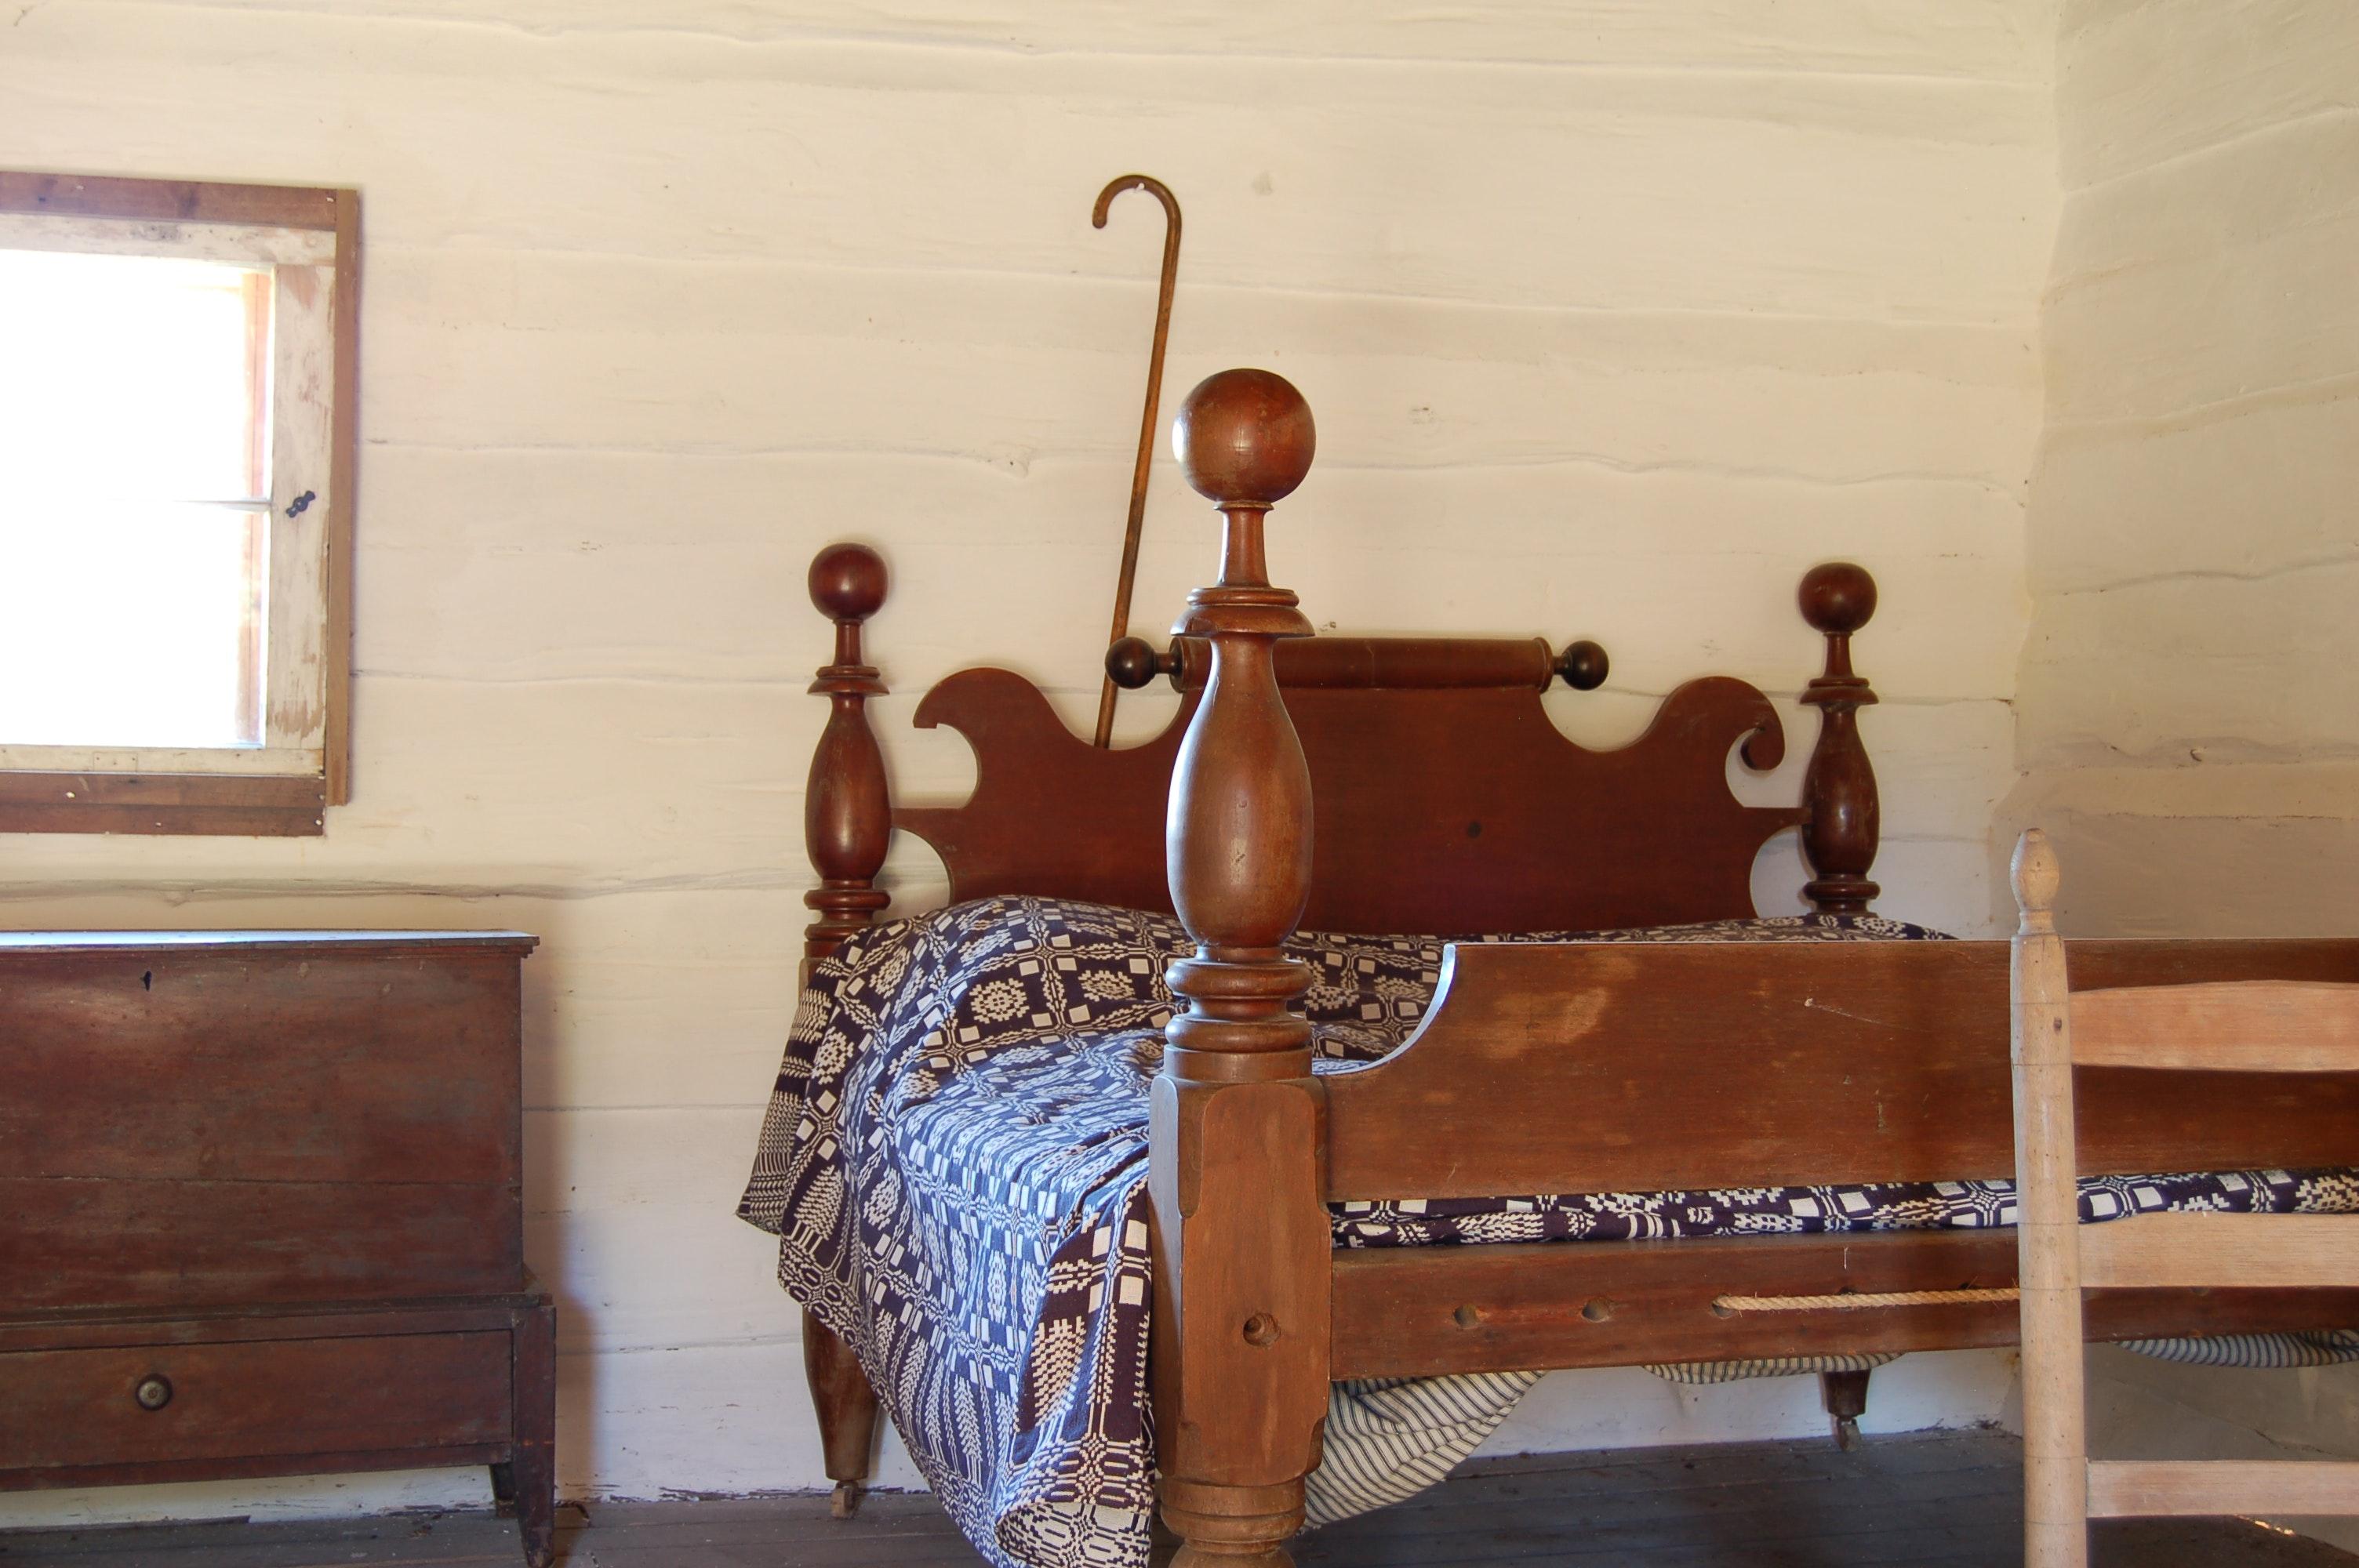 Kostenloses Foto zum Thema: antik, antikes schlafzimmer, antiquität